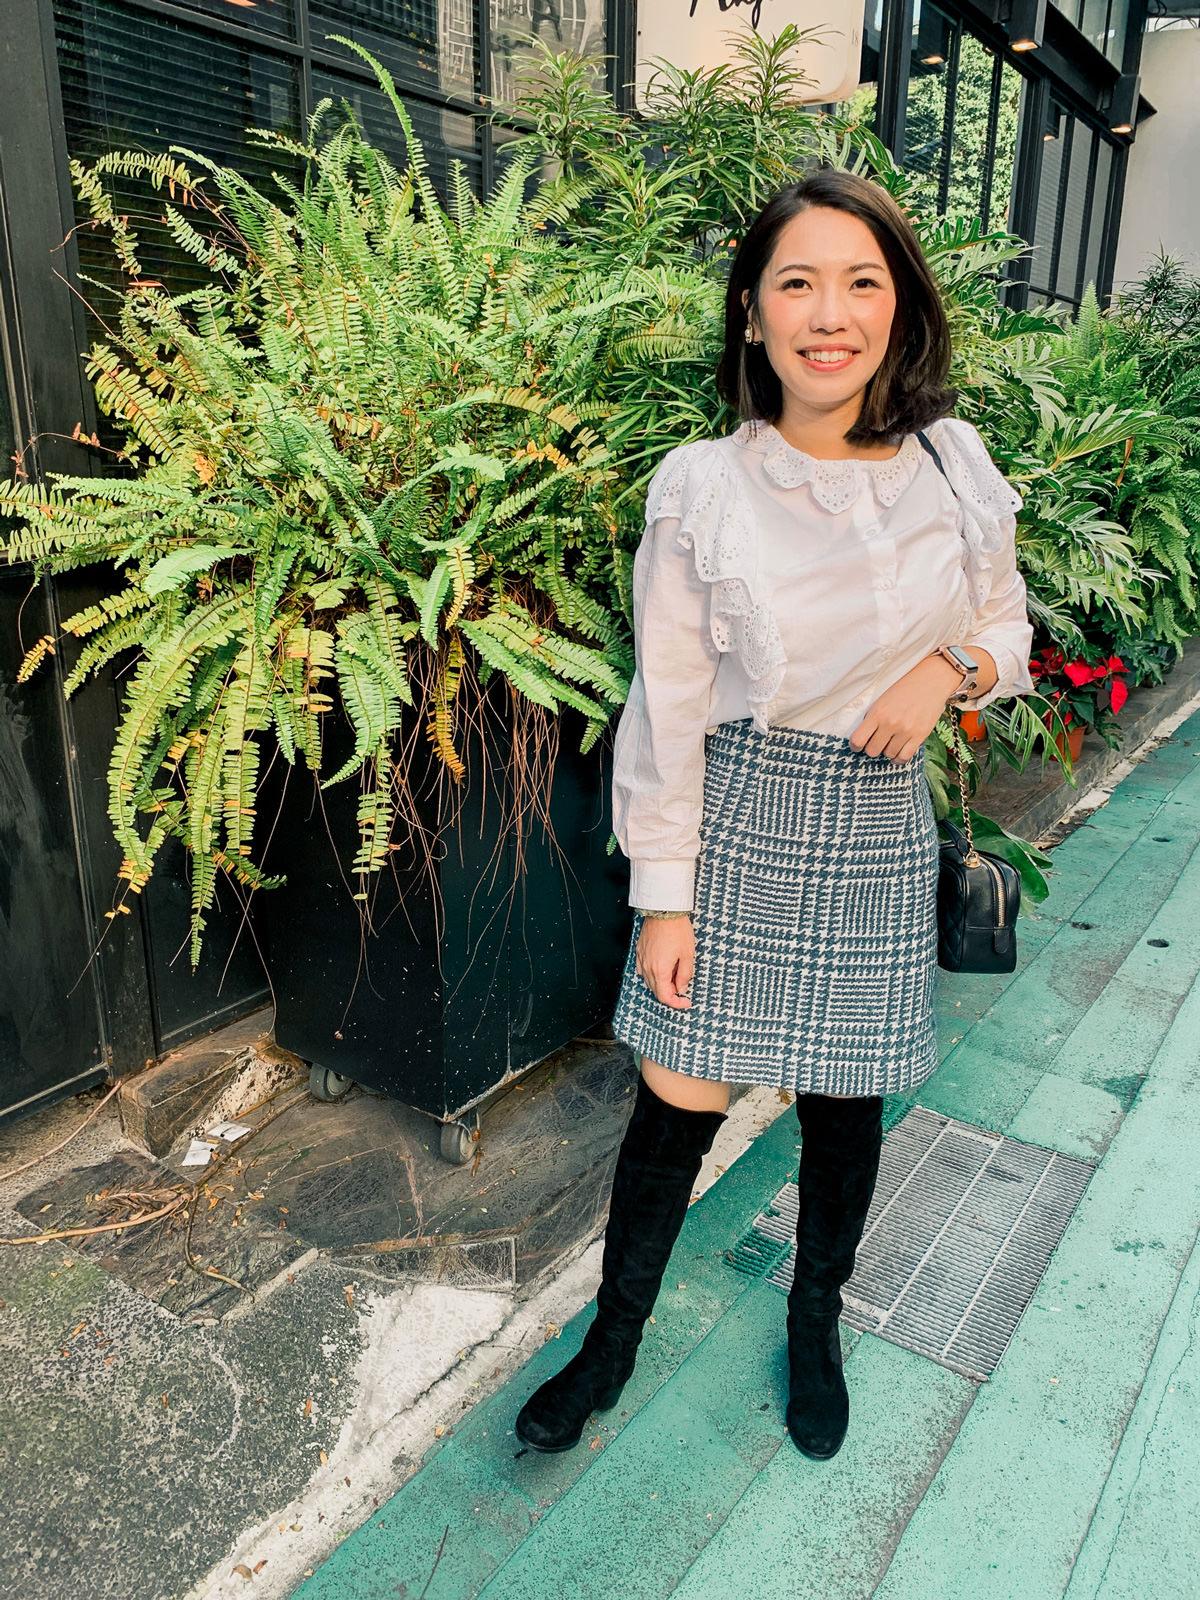 【Outfit】Mango Ruffled cotton blouse 蕾絲拼接襯衫 & Stuart Weitzman Reserve 過膝靴 哈比人的真實心得分享😛